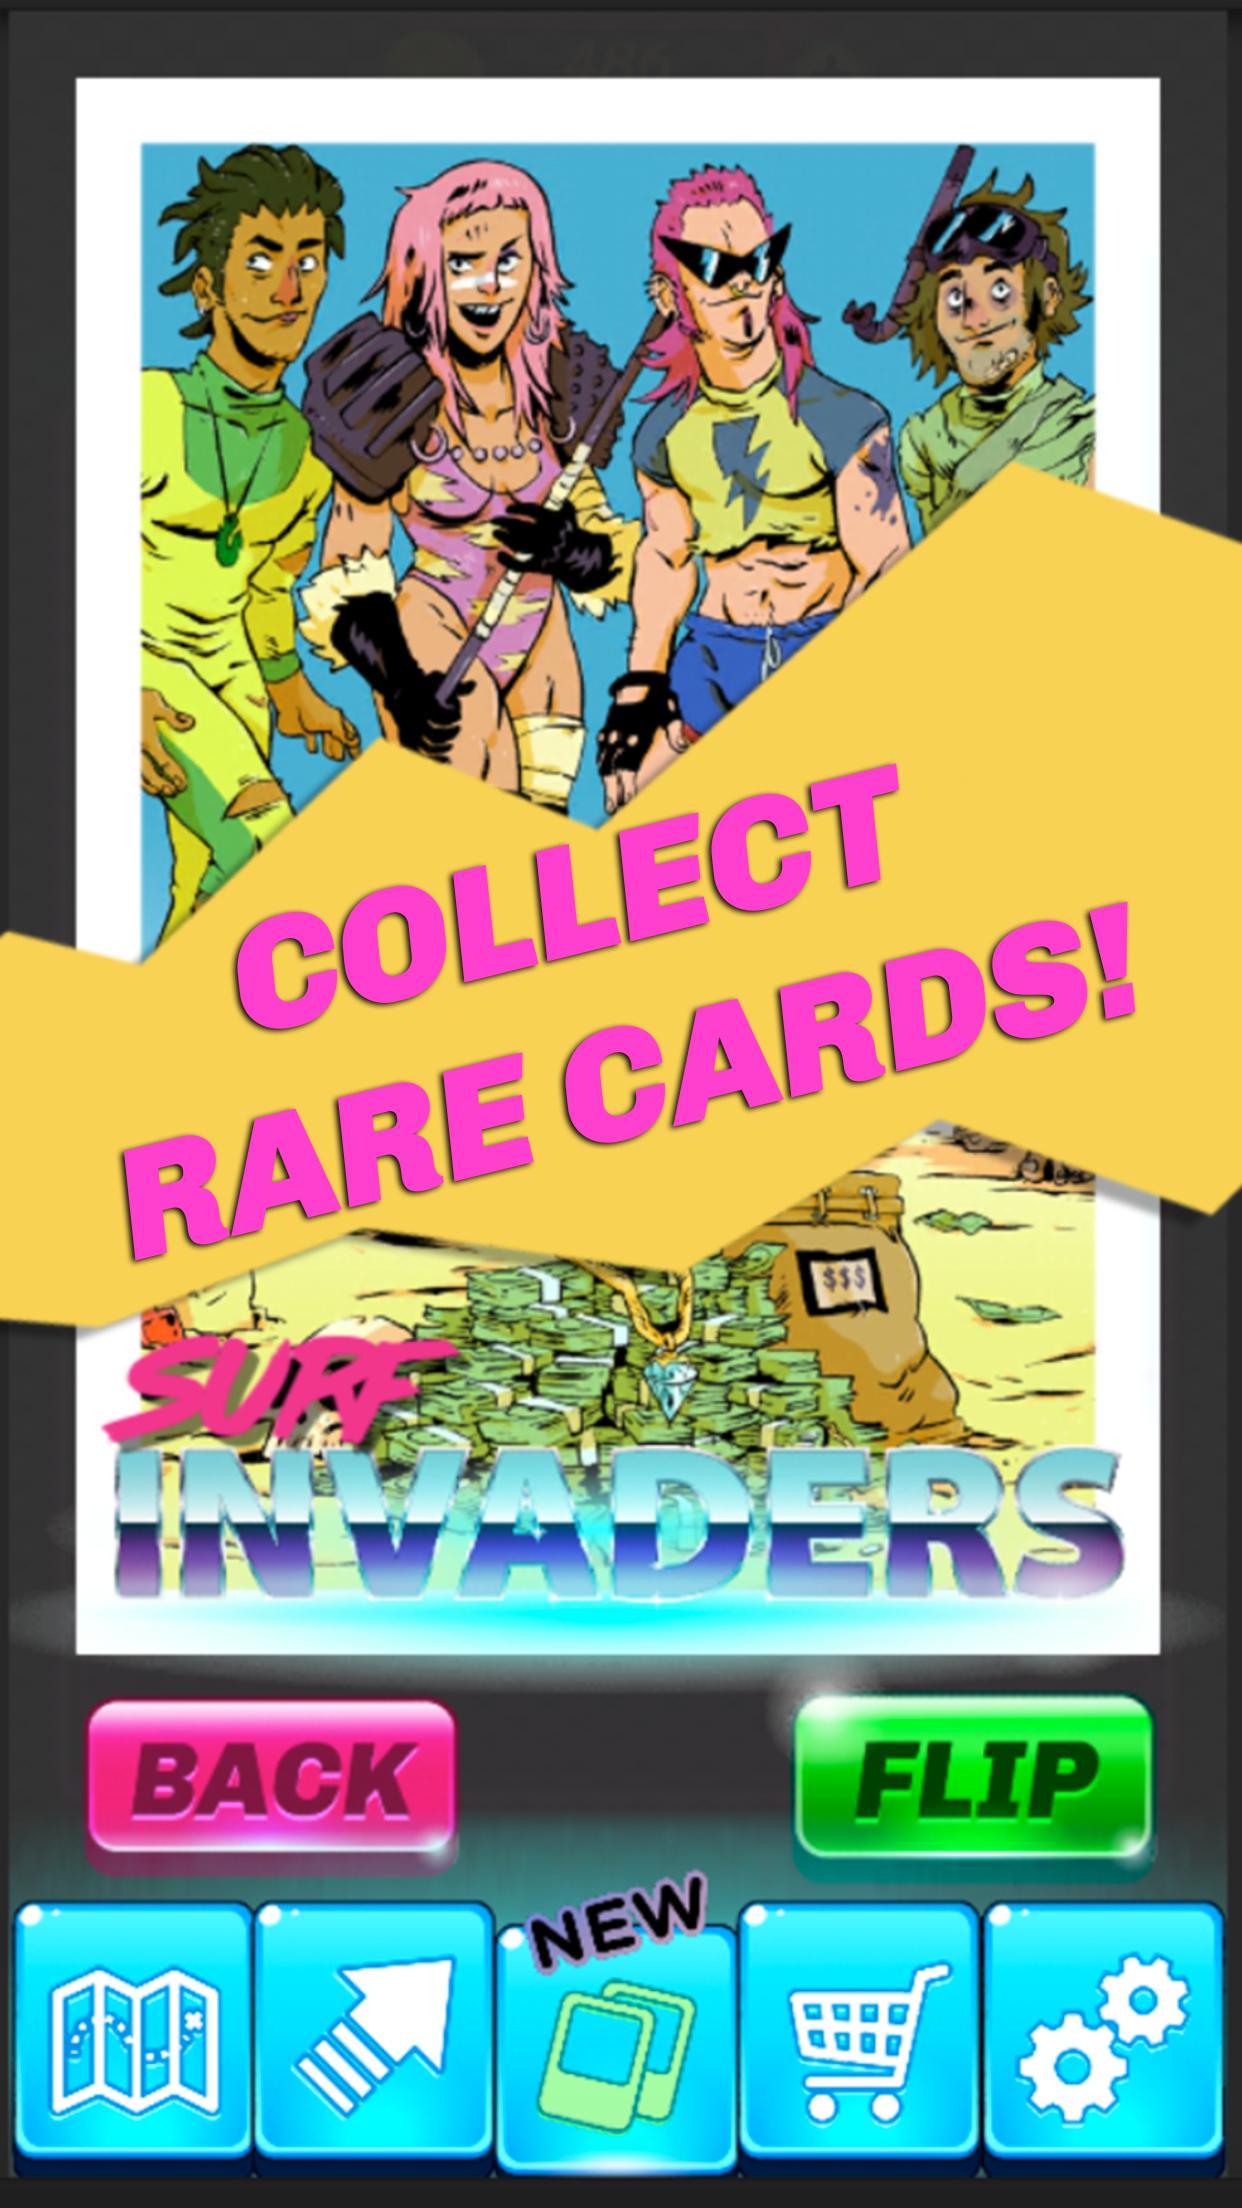 3_screenshot_collectRareCards.png